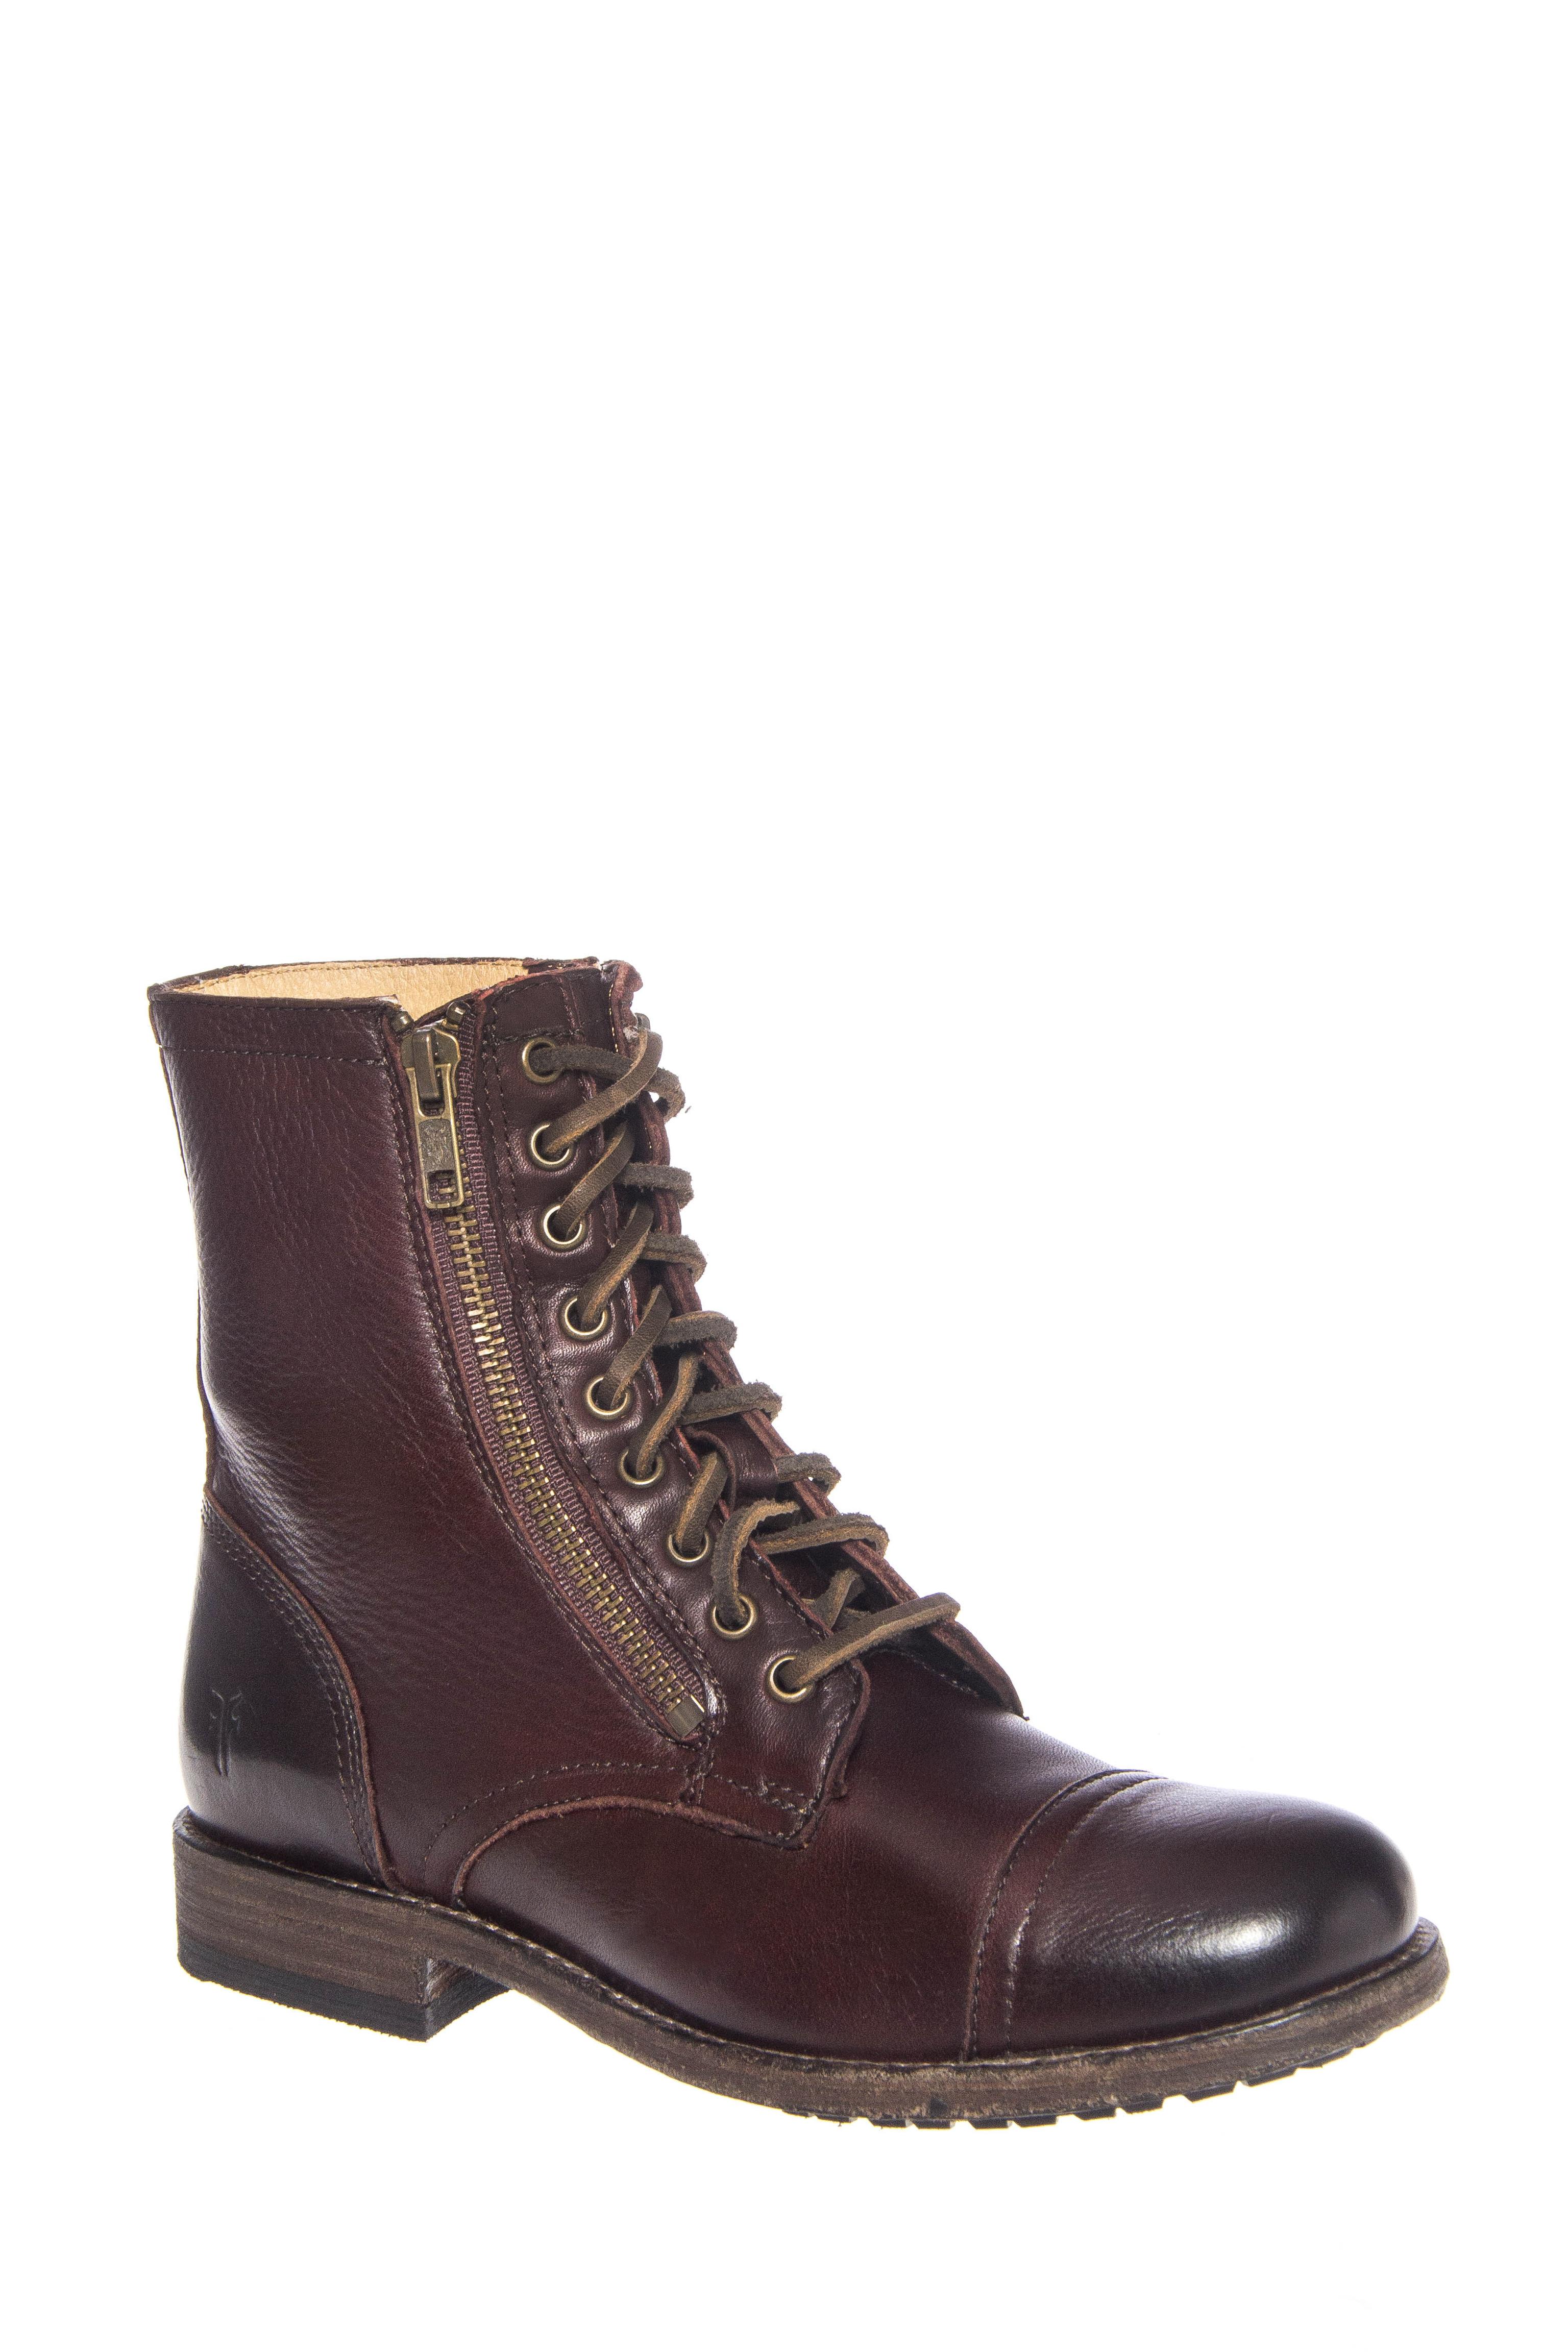 Frye Tyler Double Zip Low Heel Boots - Dark Brown